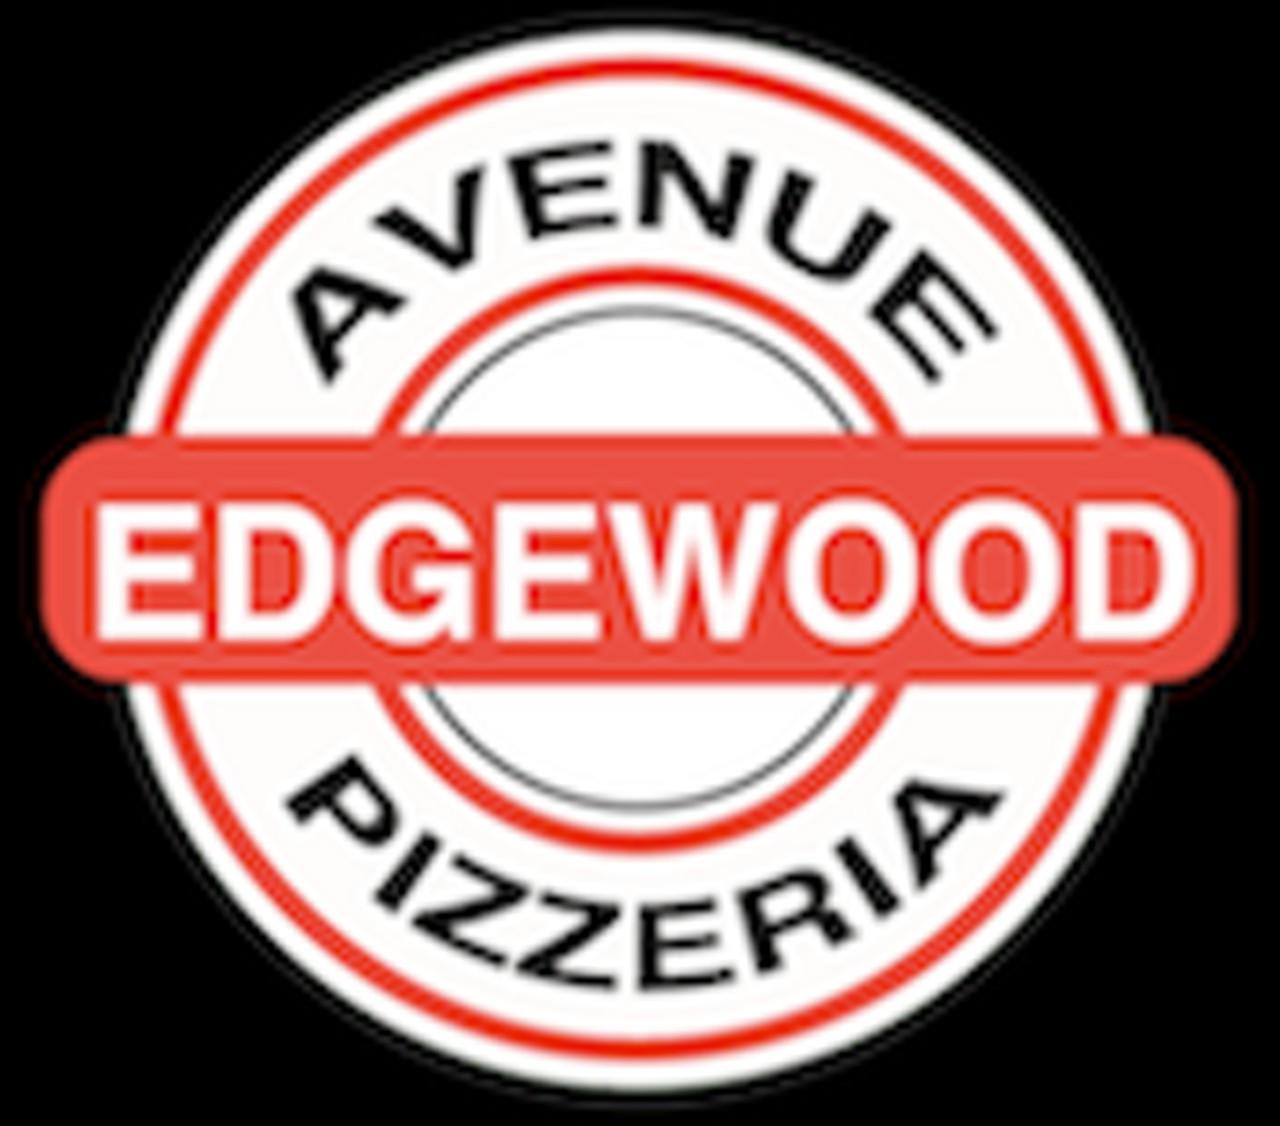 edgewood pizzeria